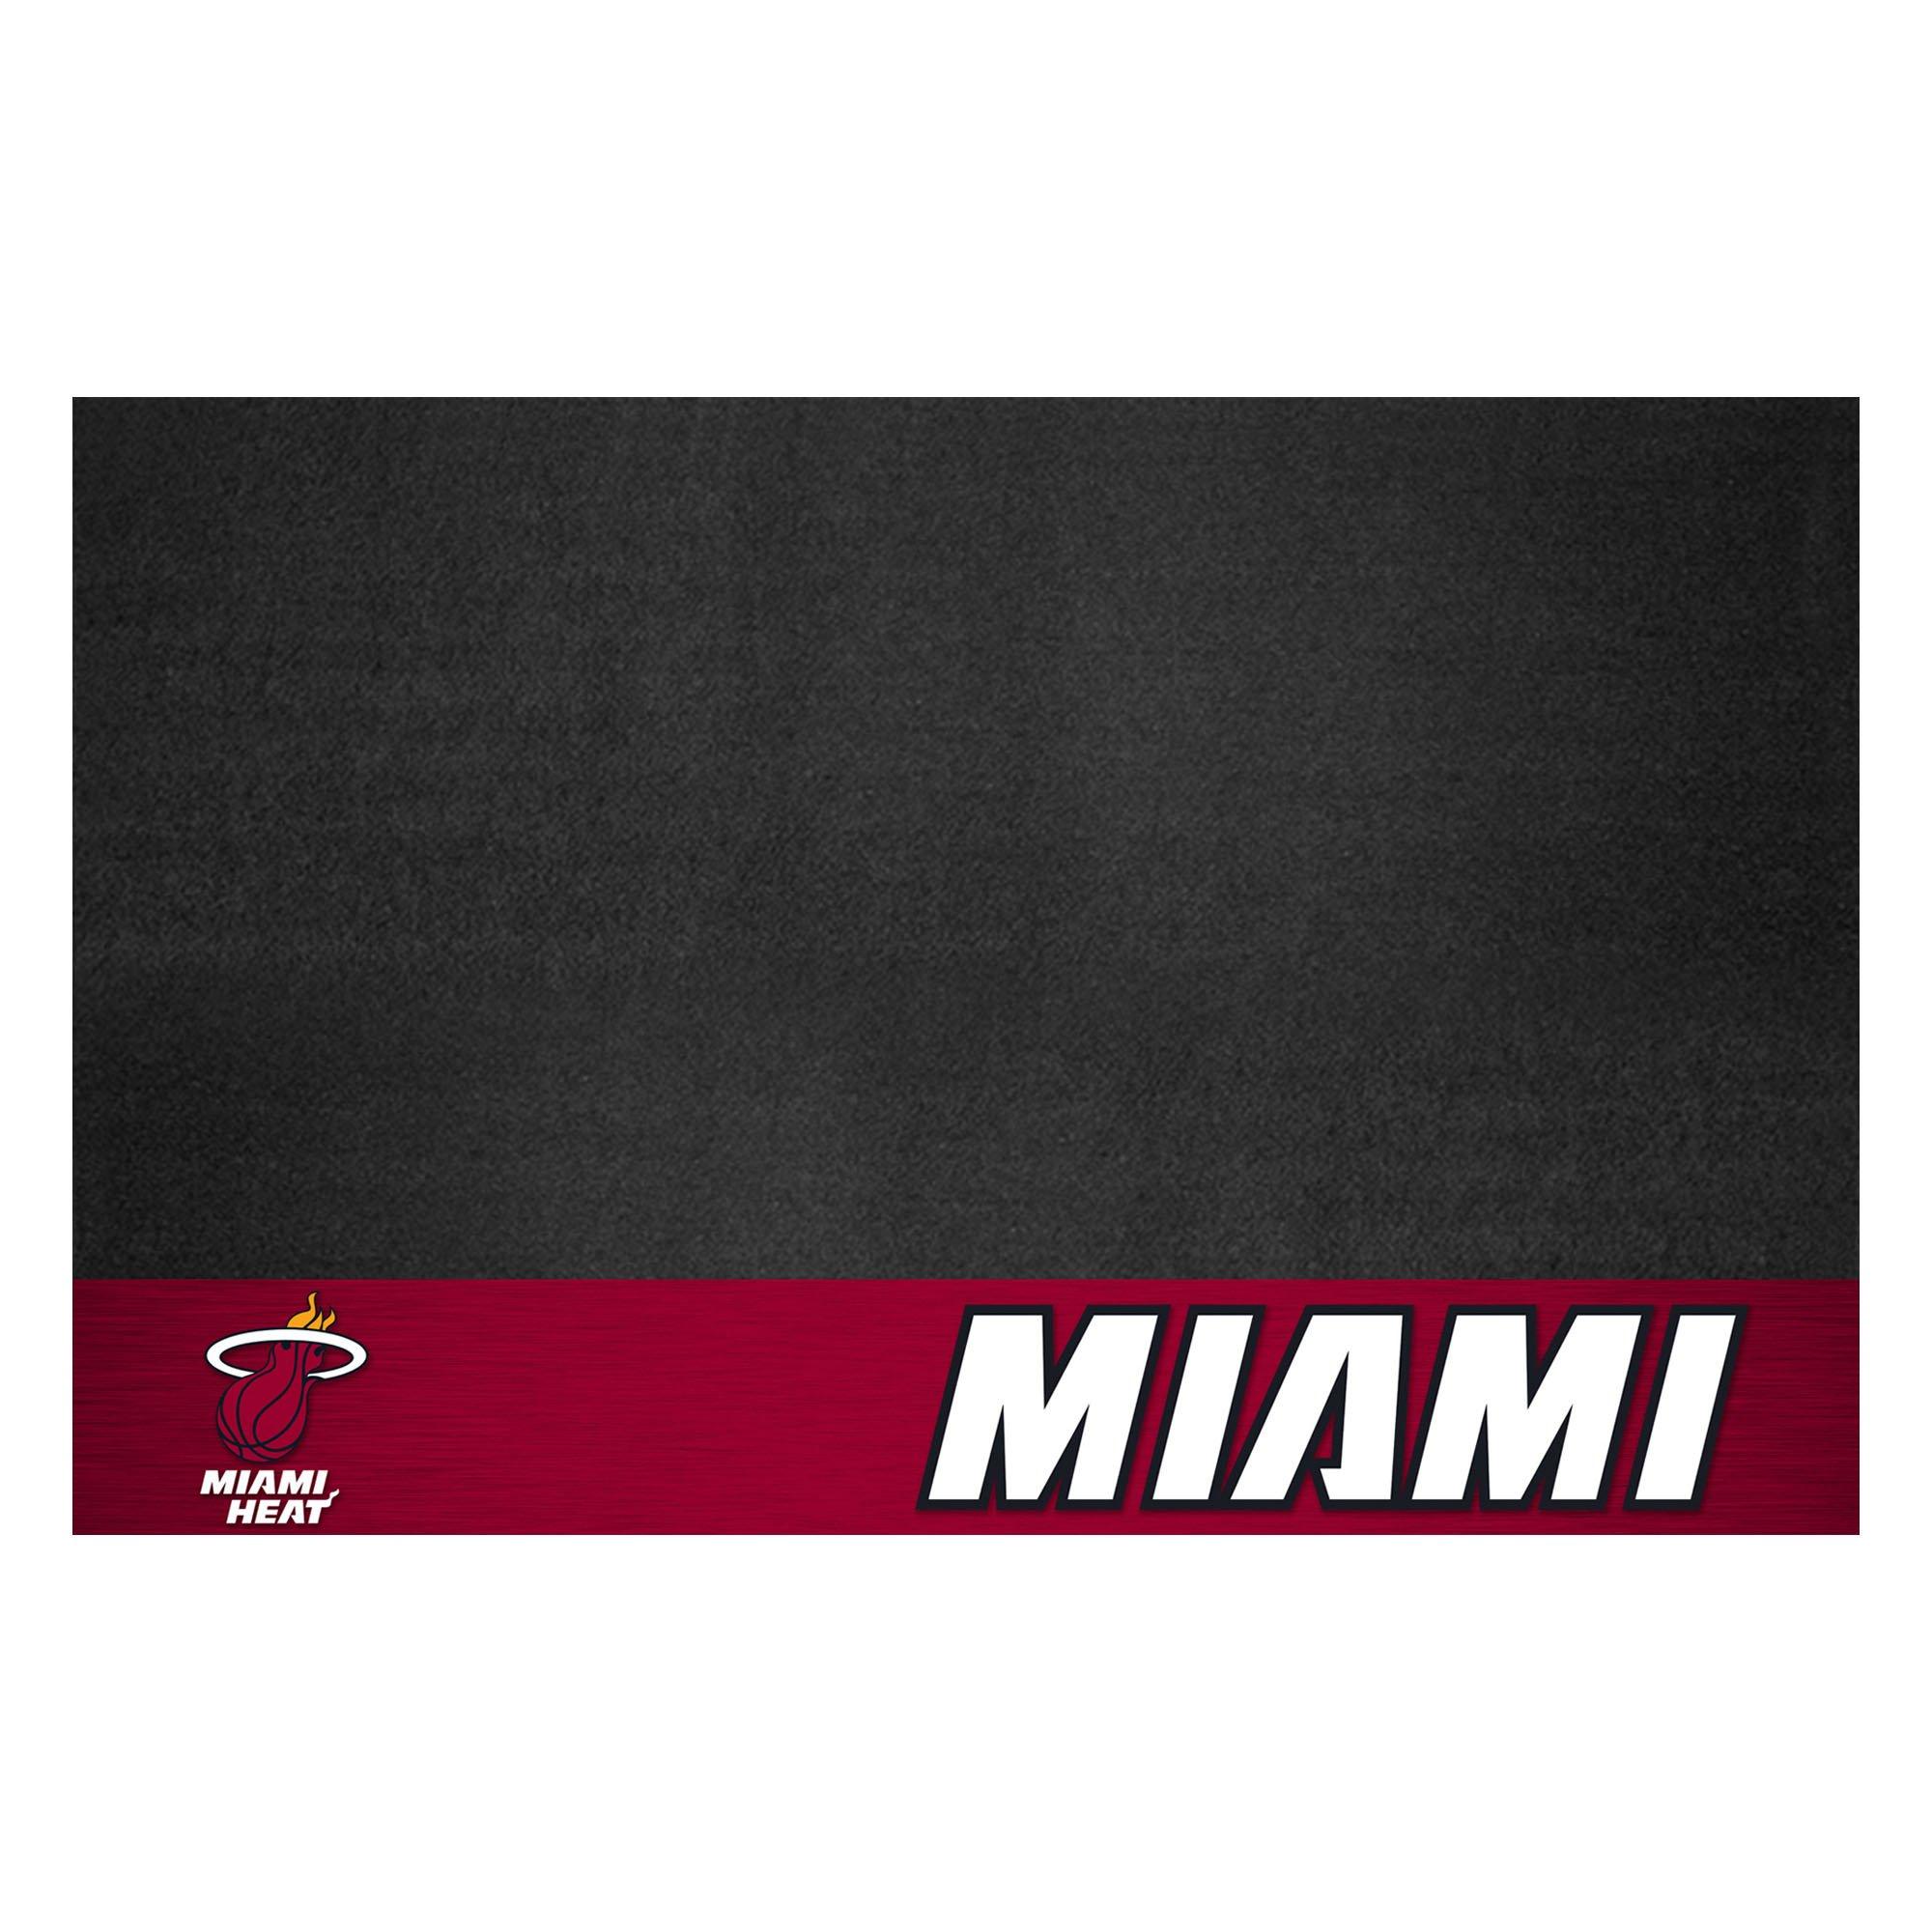 Fanmats 14210 NBA Miami Heat Grill Mat